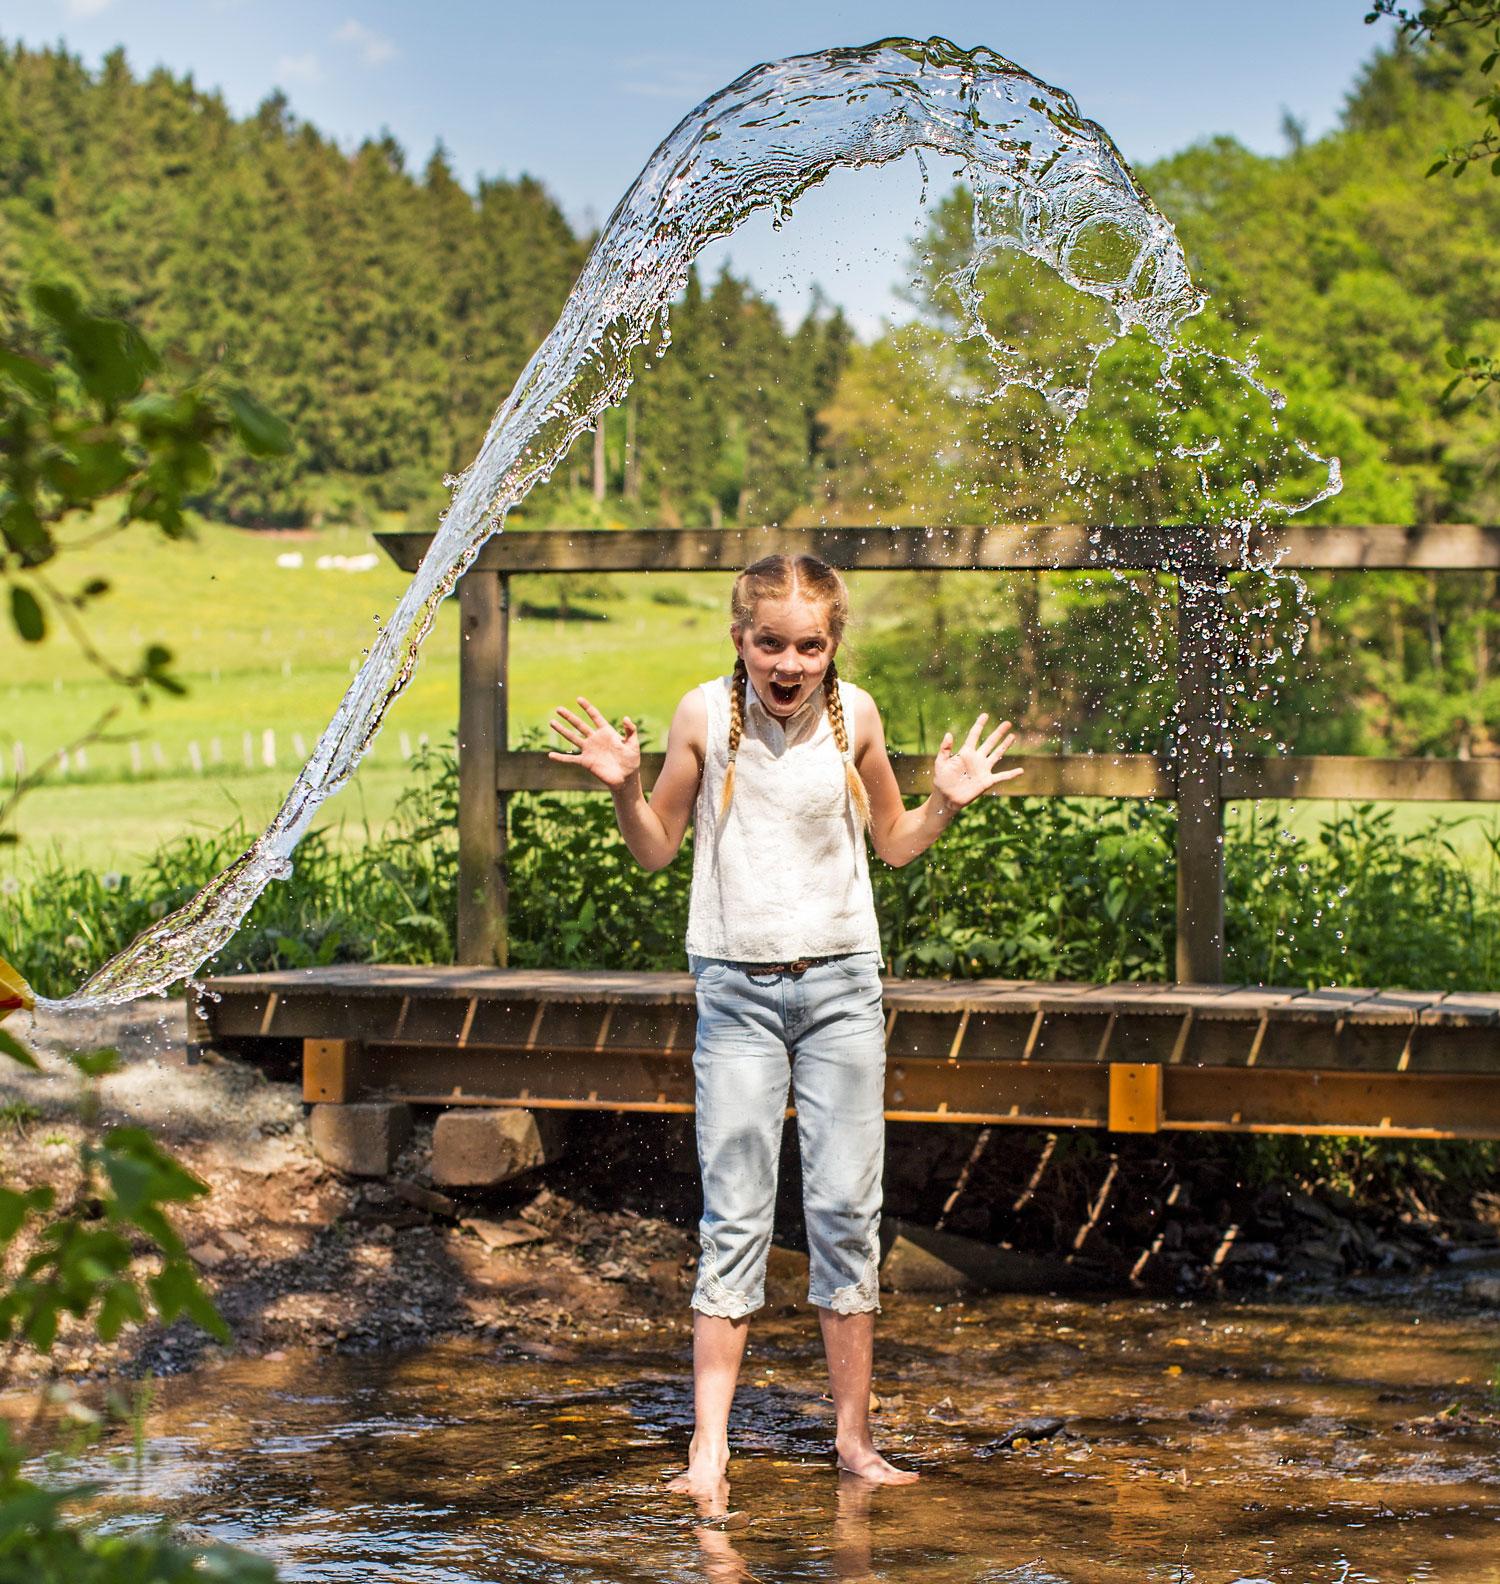 Wasserspaß auf den Naturwegen © Touristik-Gesellschaft Medebach GmbH